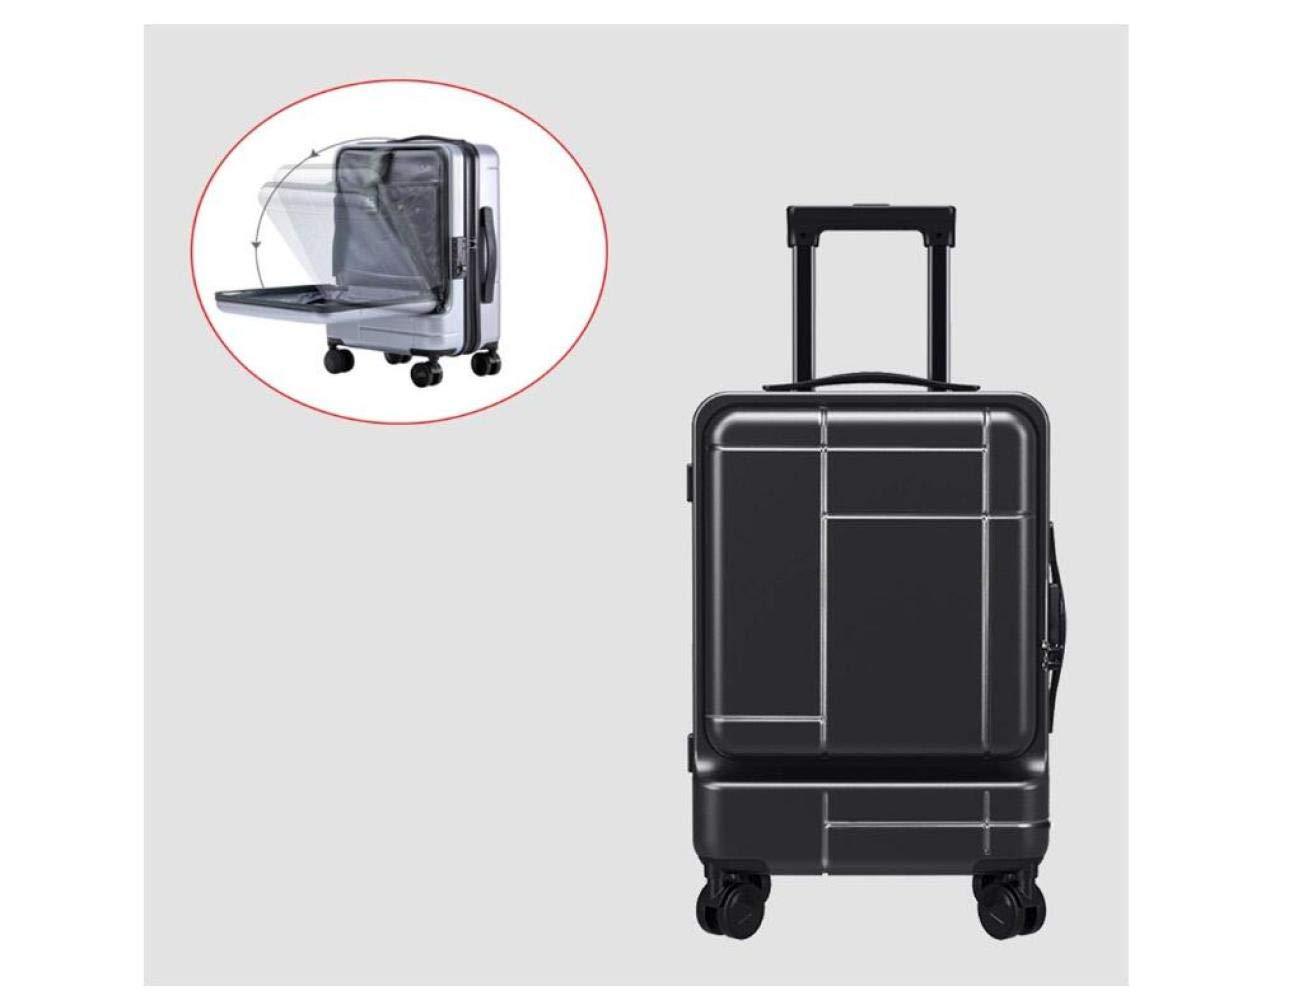 Trolley Case Hard Shell Luggage Set Trolley Case para Hombres Y Mujeres Maleta Estudiante 20 Pulgadas Contraseña Embarque 24 Caja de Viaje Rueda Universal